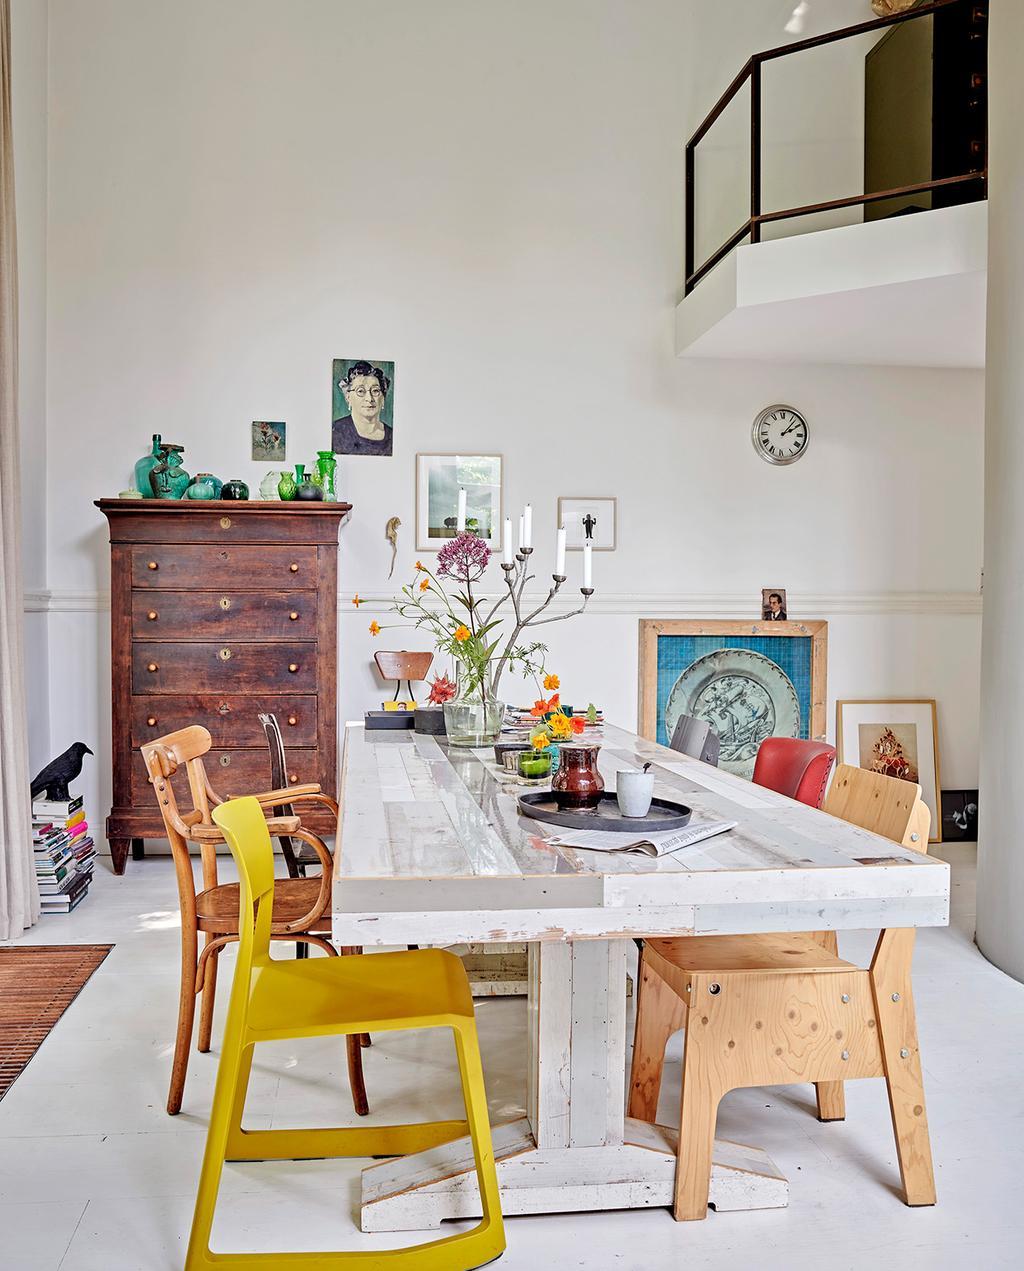 vtwonen 07-2021 | mix en match gekleurde eetkamerstoelen met een witte tafel en een houten kast